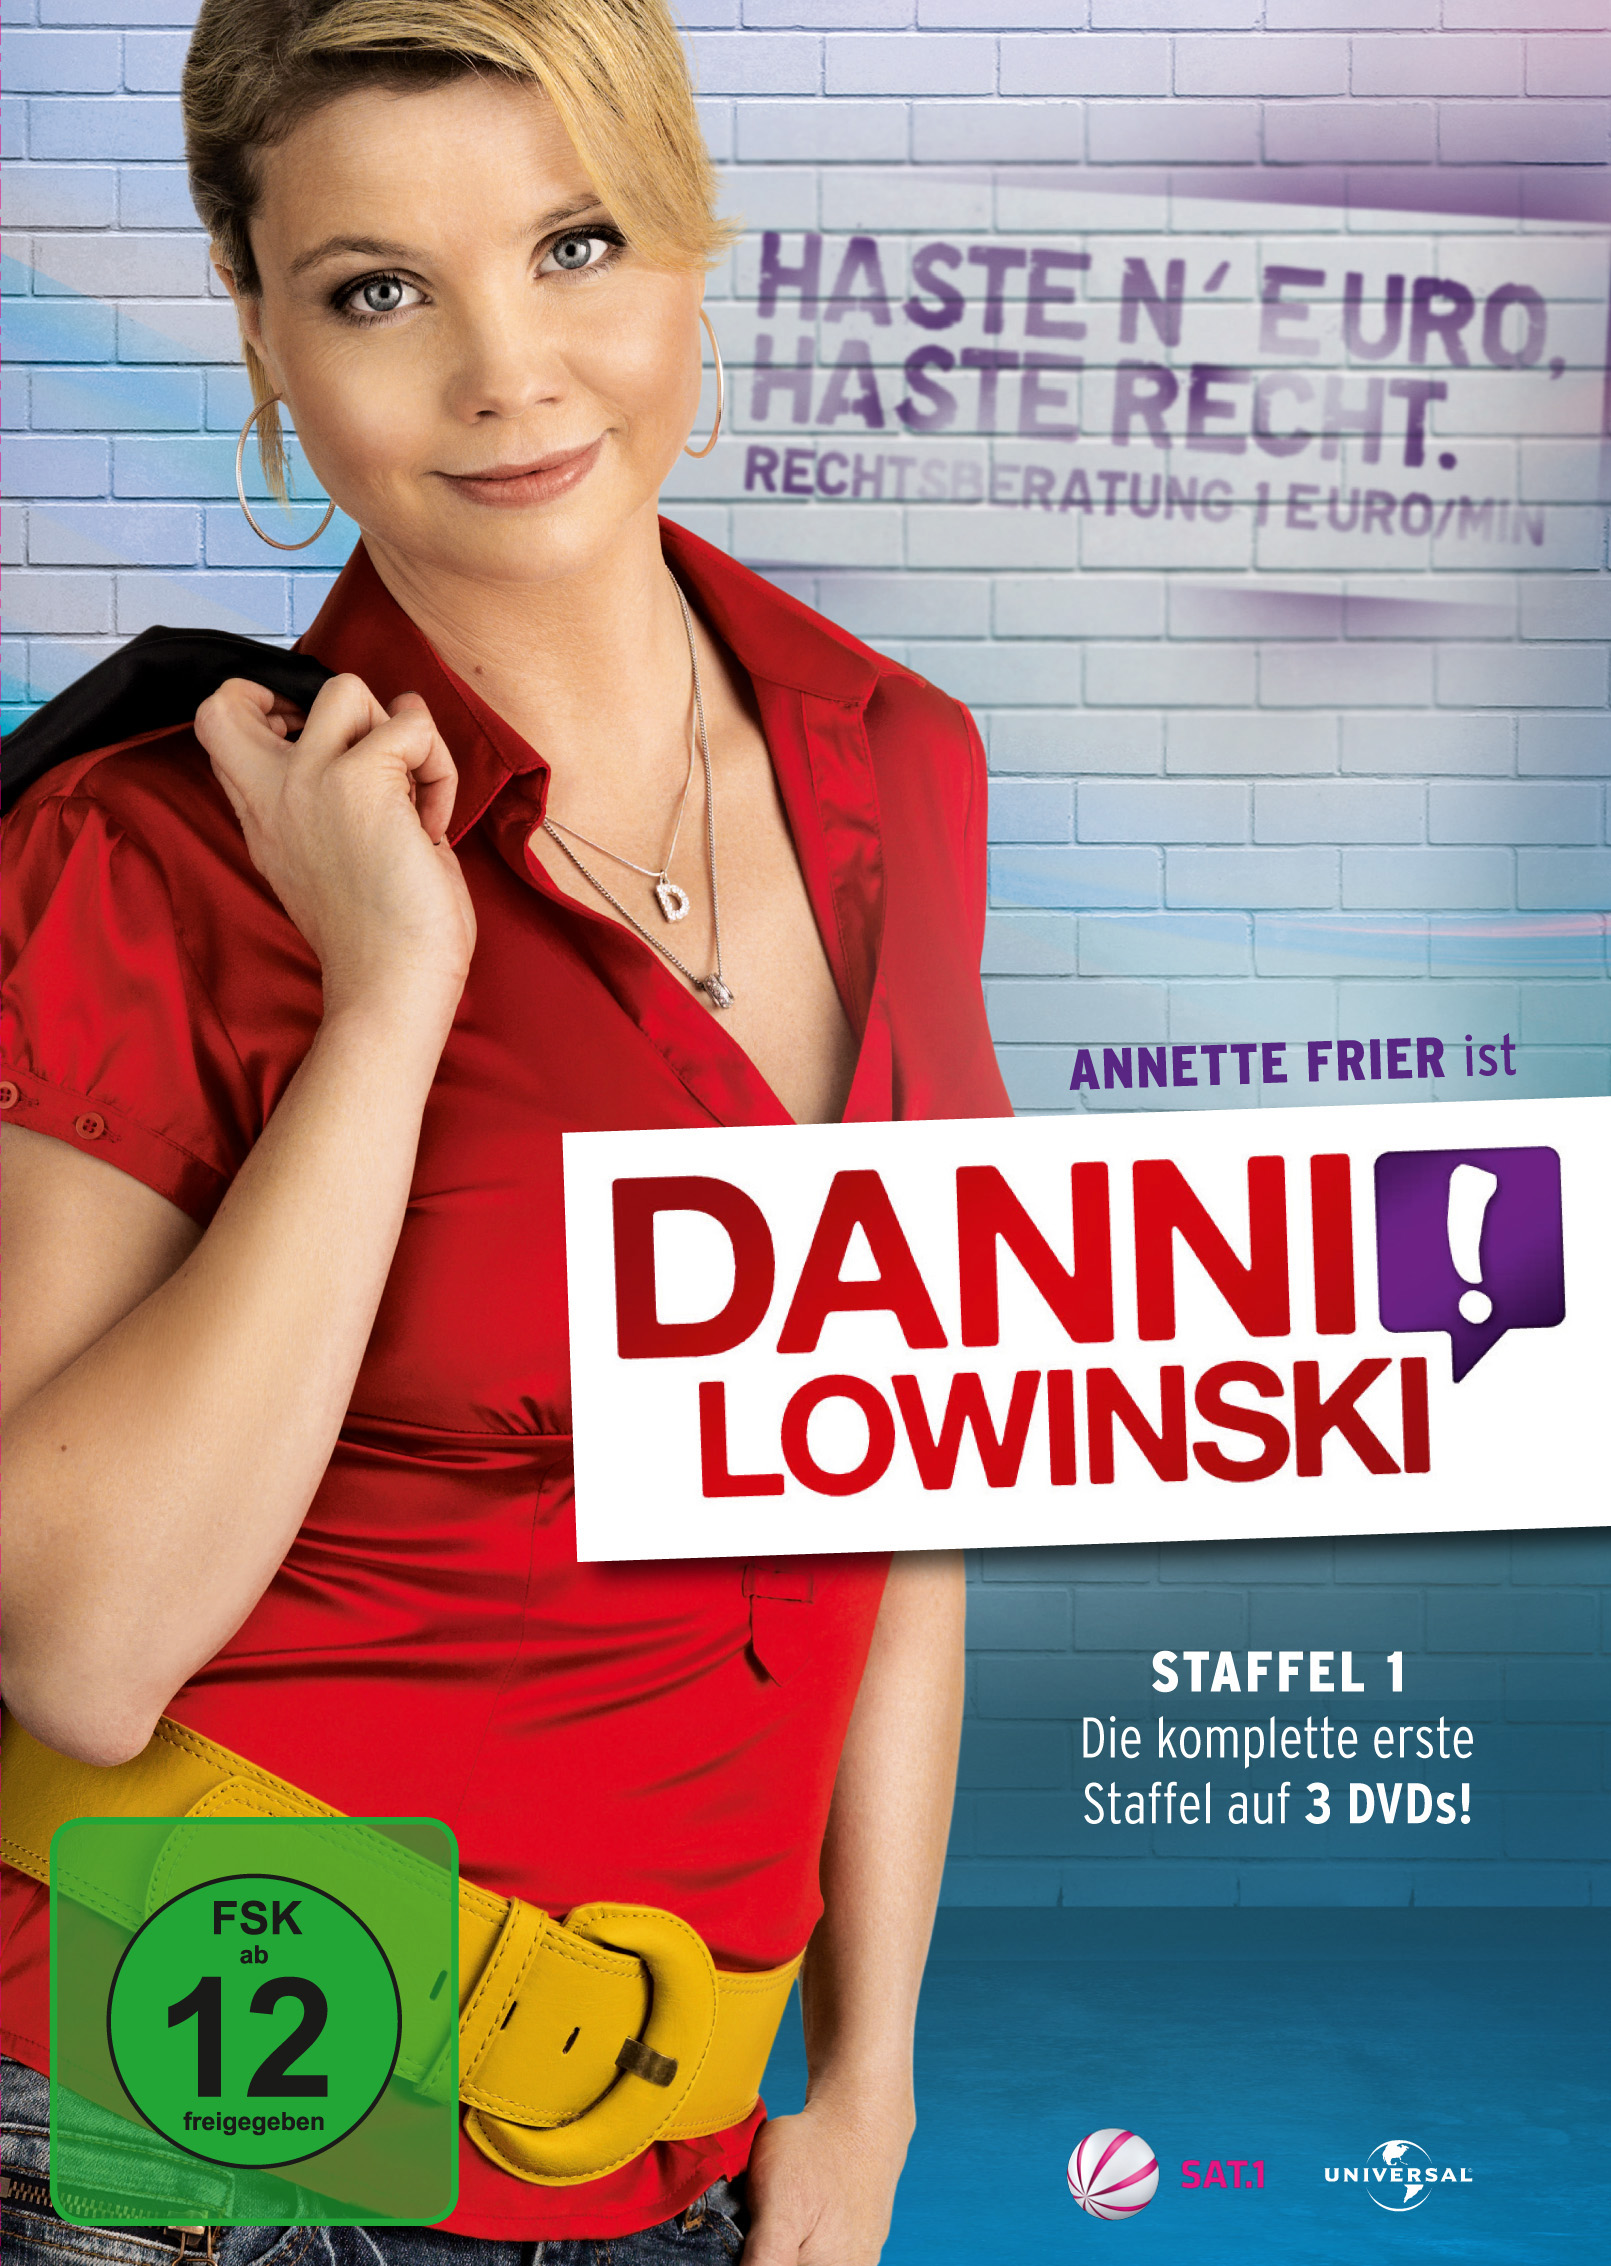 Danni Lowinski Staffel 1 Folge 1